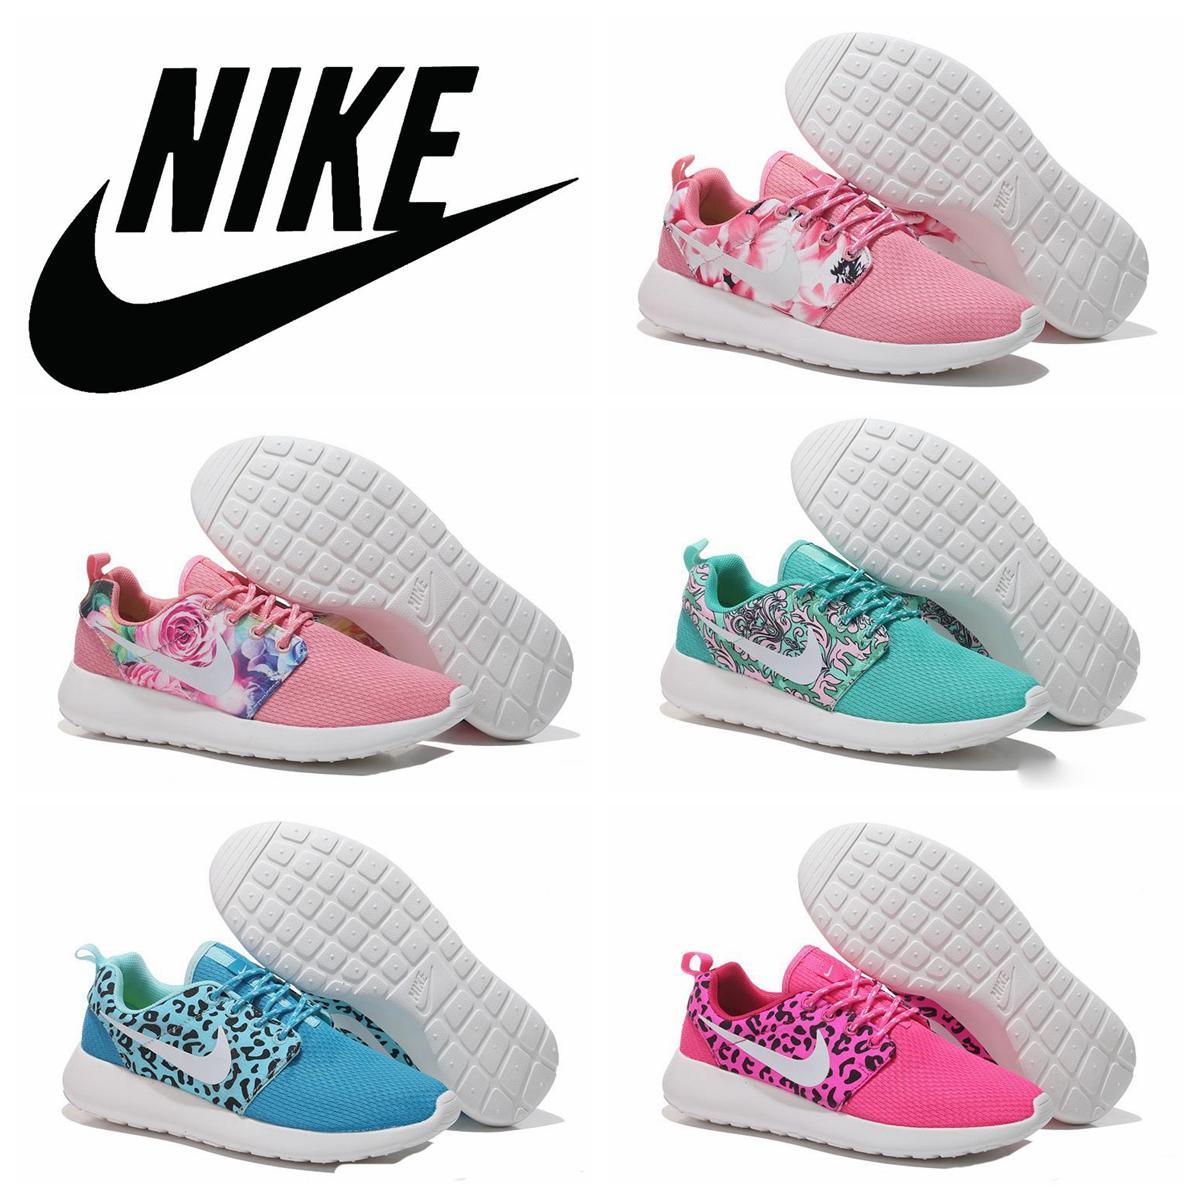 5501dfbee99 ... italy nike rosherun roshe run floral flower women running shoesnike  rosherun london olympic womens sneaker lightweight